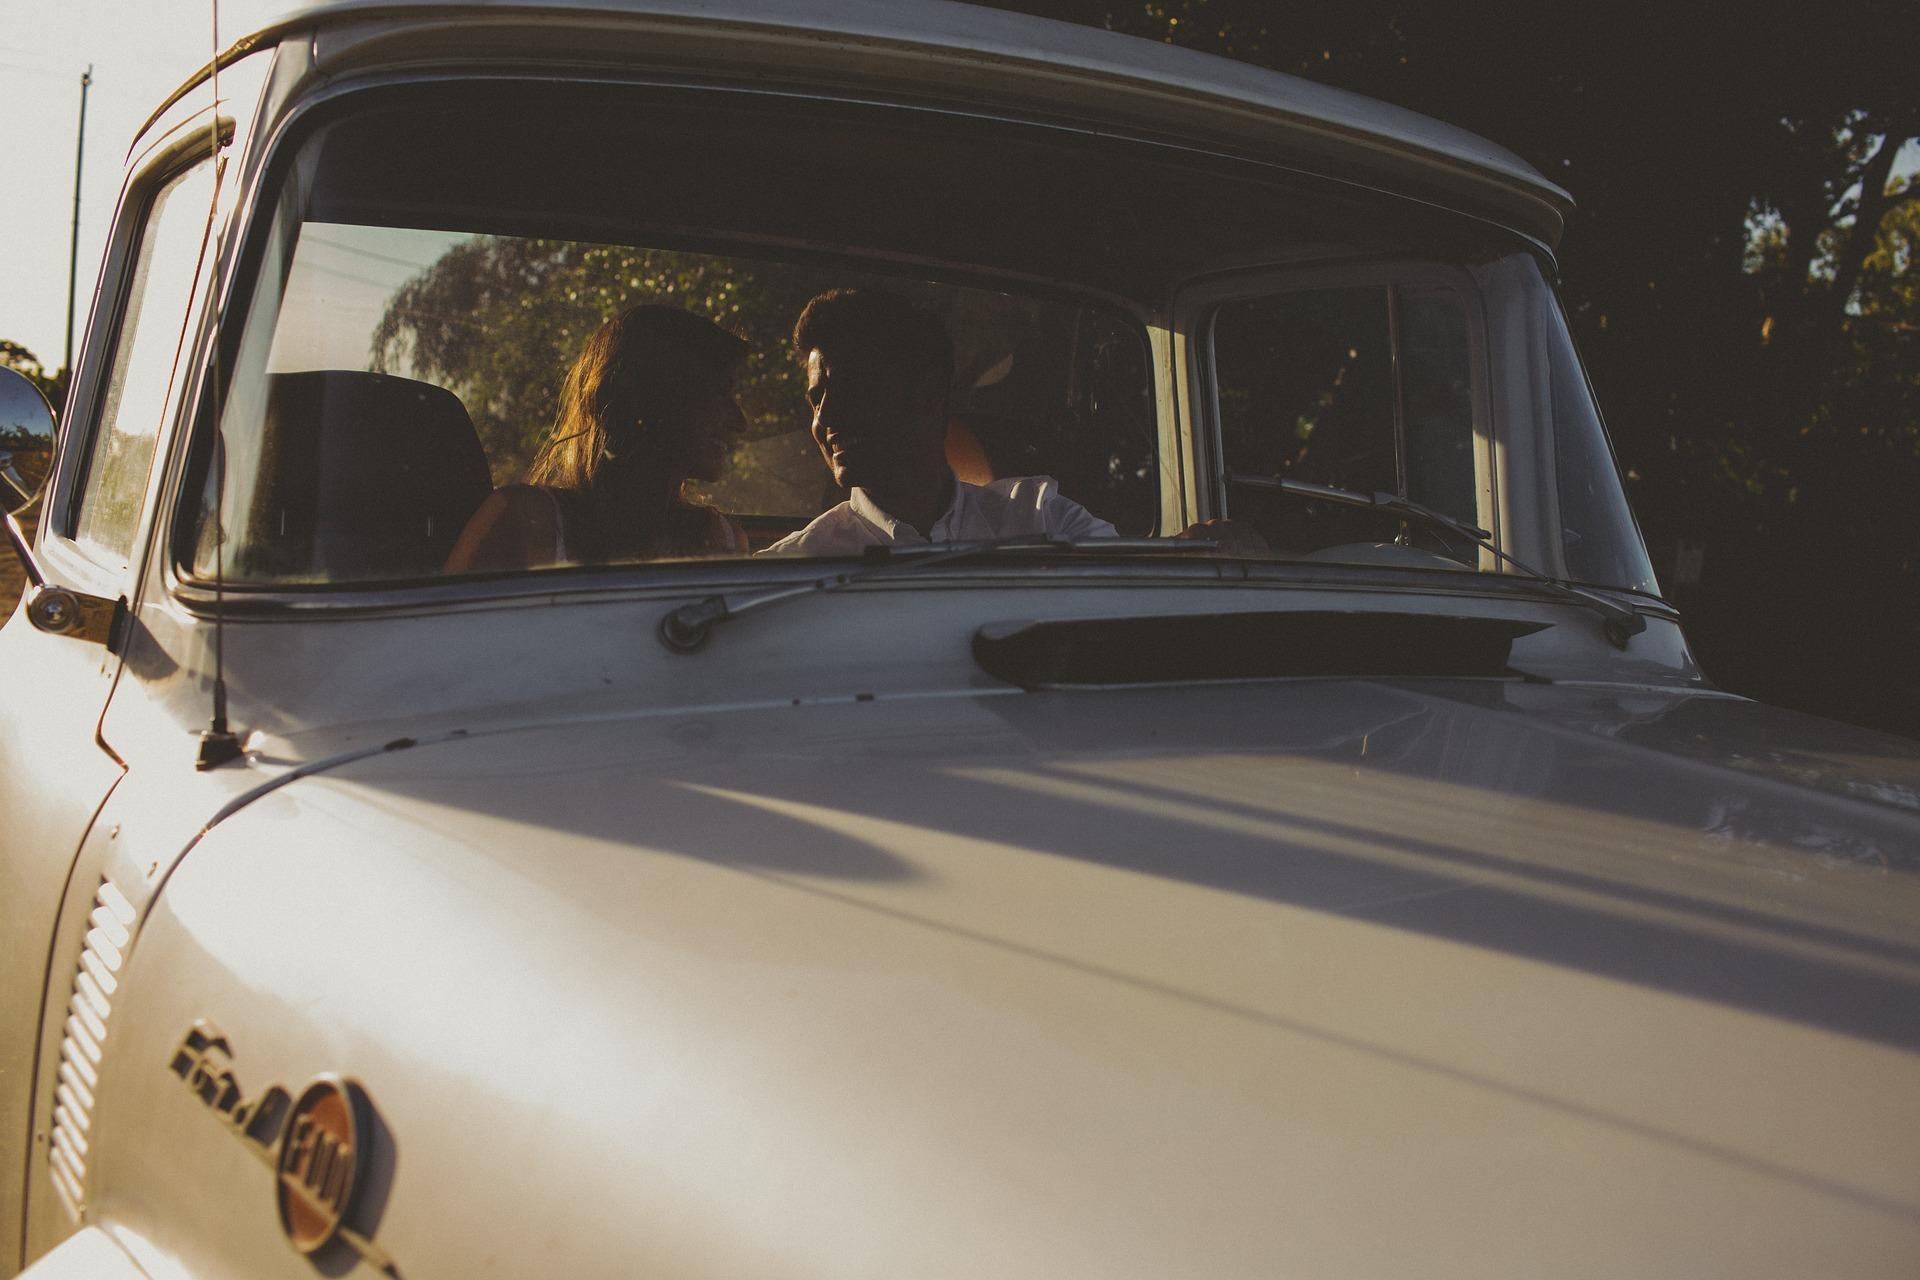 Faire l'amour en voiture n'est pas un motif pour rompre le confinement.